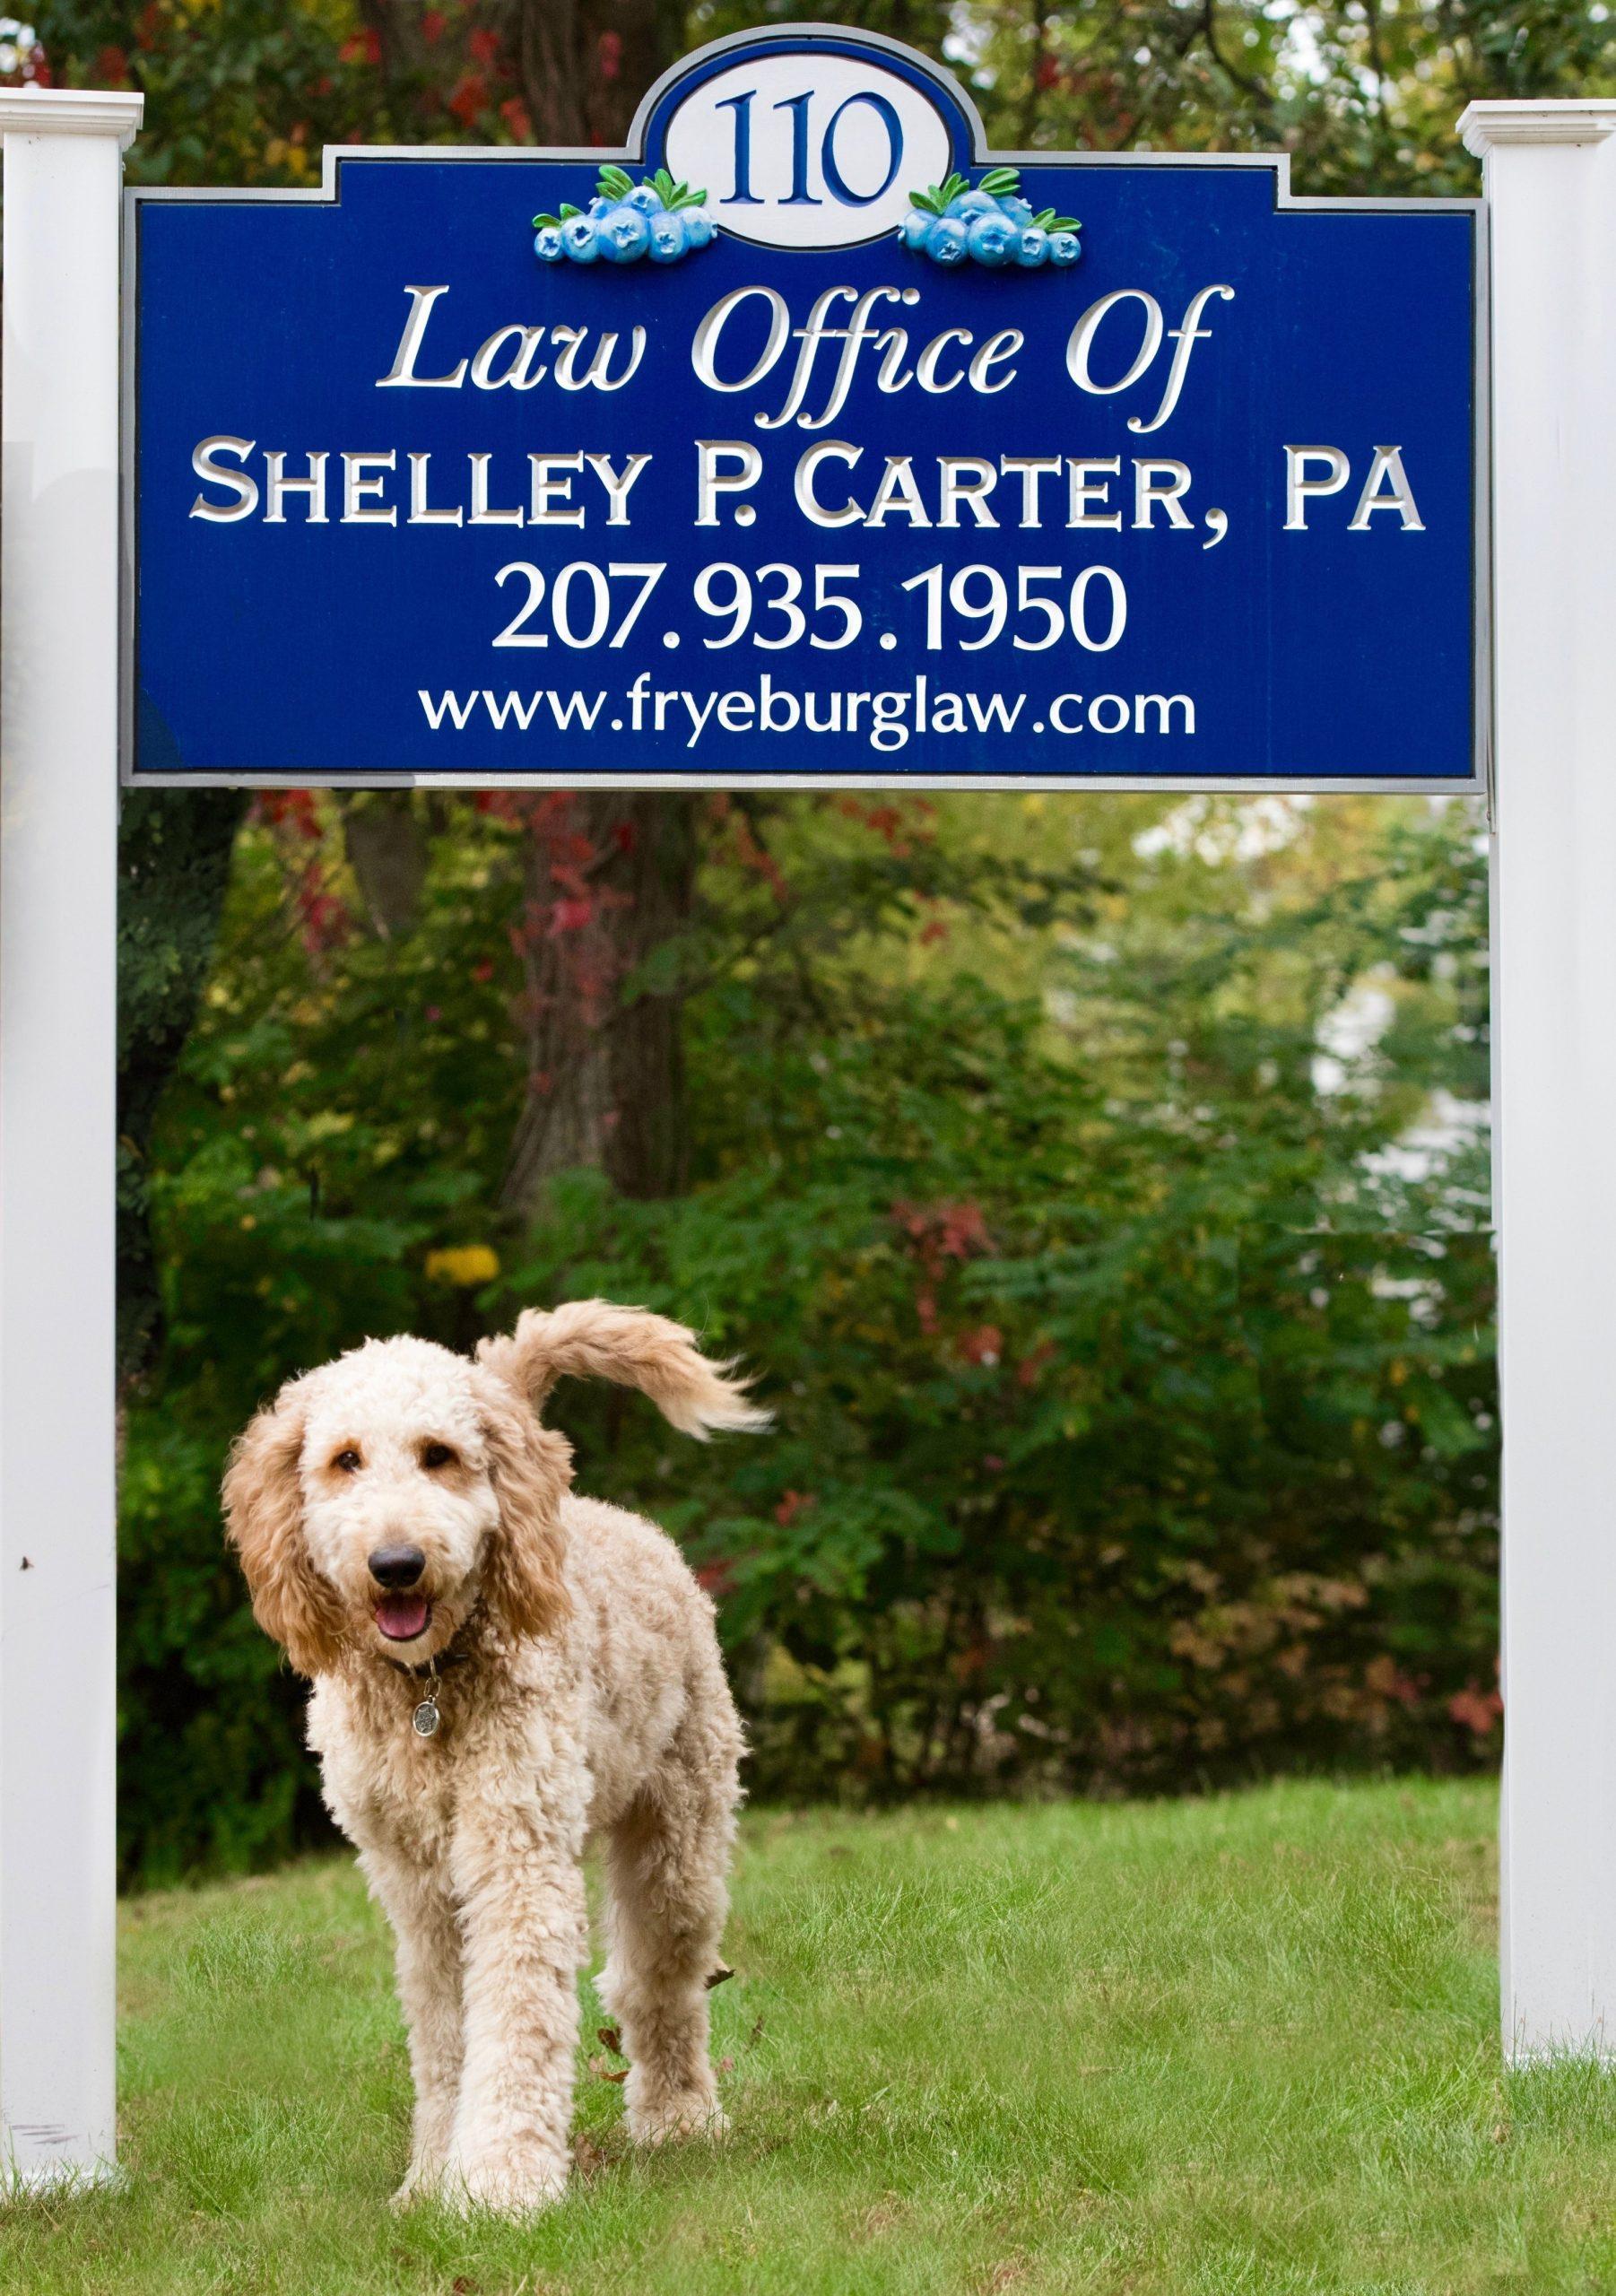 Baxter's business card